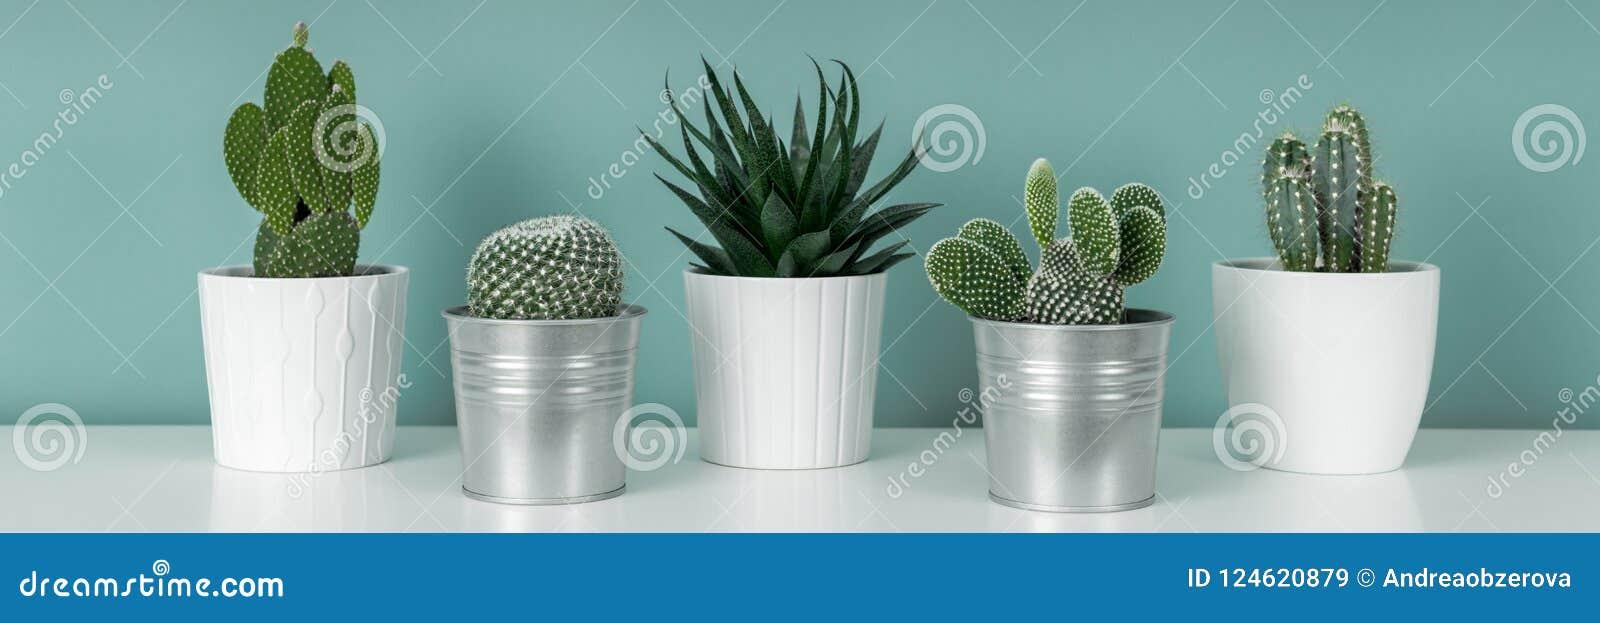 各种各样的盆的仙人掌房子植物的汇集白色架子的反对淡色绿松石上色了墙壁 仙人掌种植横幅